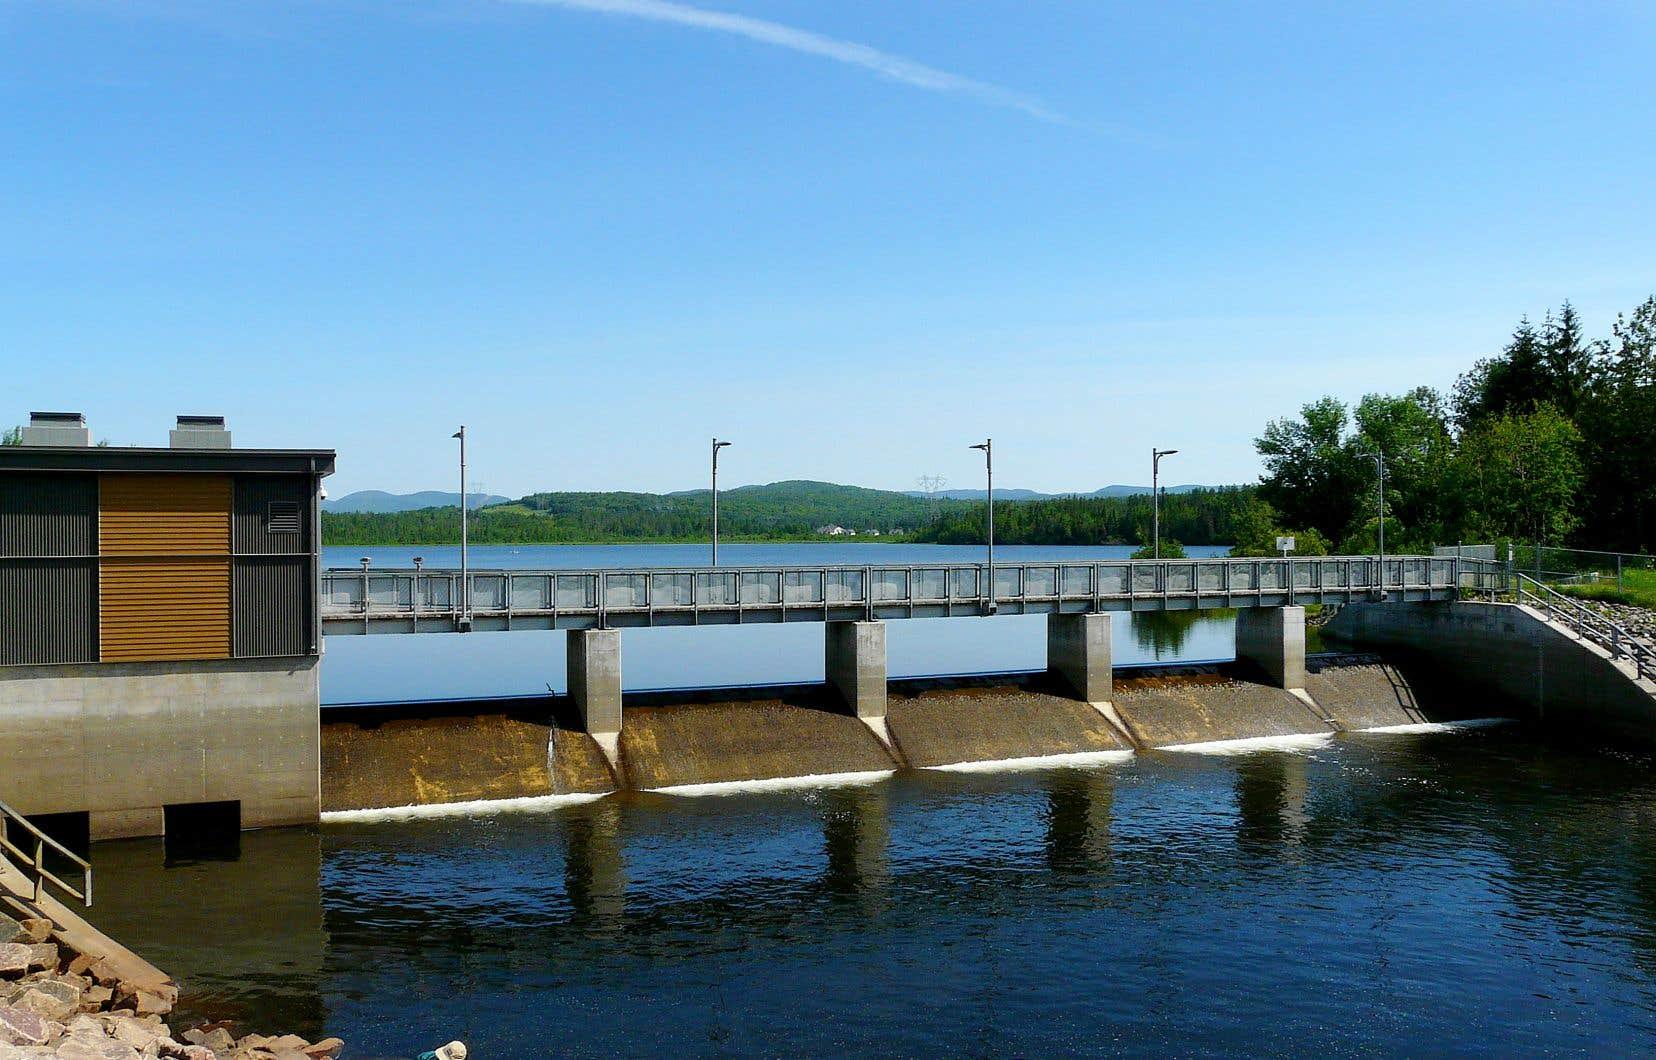 Principal bassin d'eau potable de la ville, le Lac-Saint-Charles a pour l'instant assez d'eau, selon les autorités.